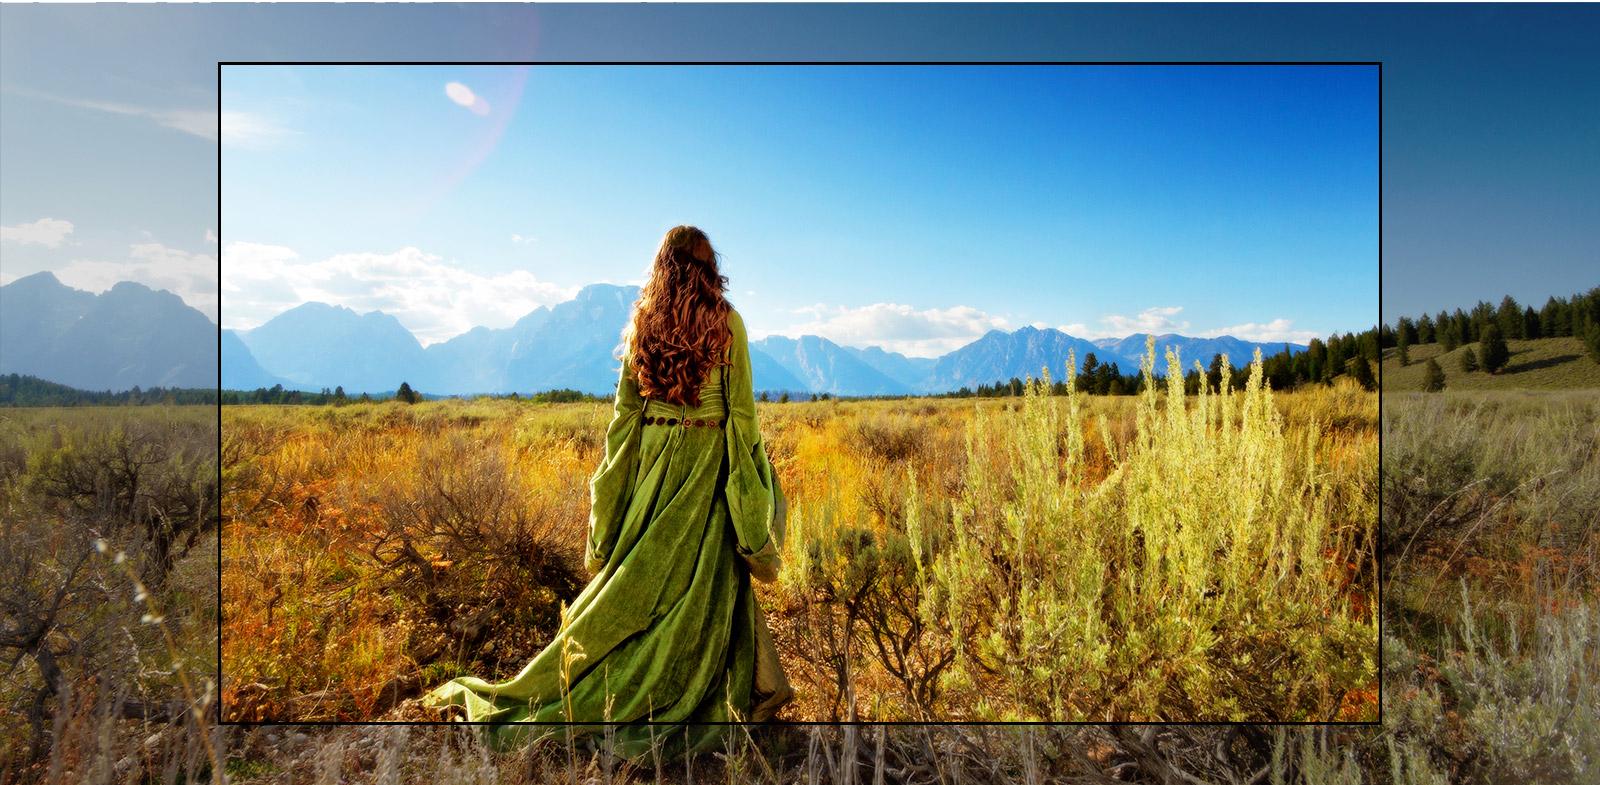 Smart Tivi LG 4K 55 inch 55UN7190PTA Mẫu mới 2020